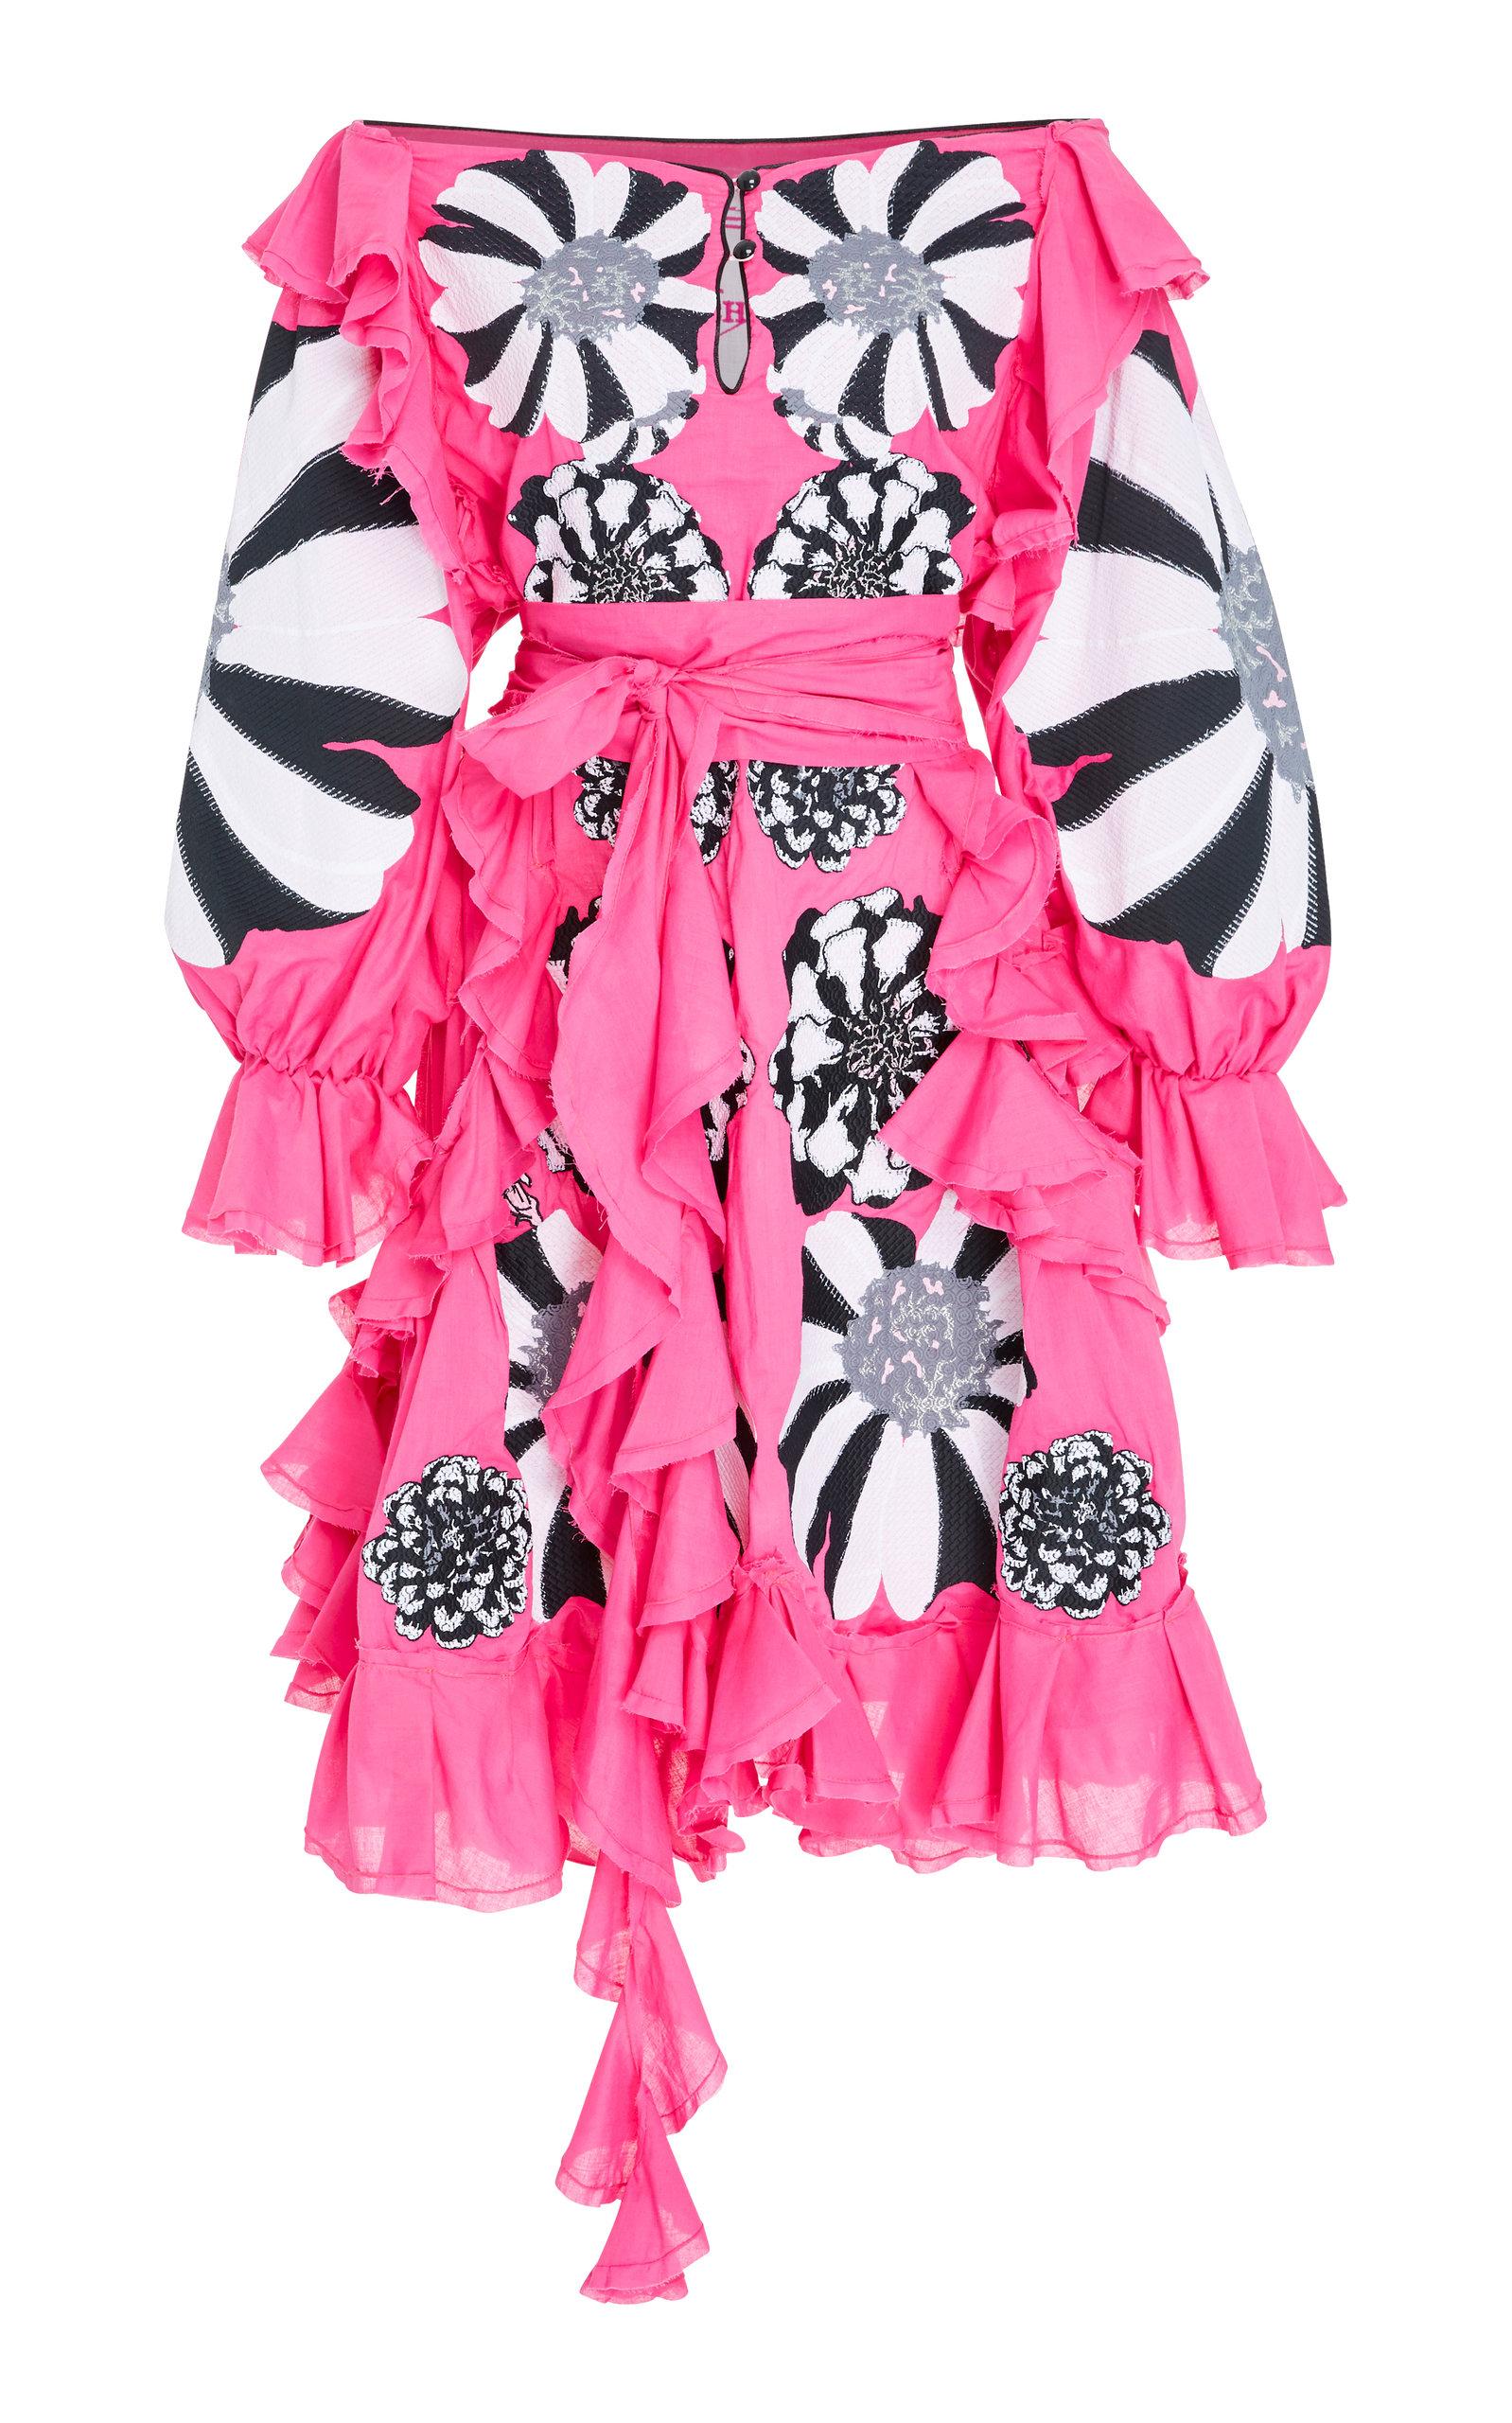 YULIYA MAGDYCH HYPNOZE EMBROIDERED RUFFLE COTTON DRESS